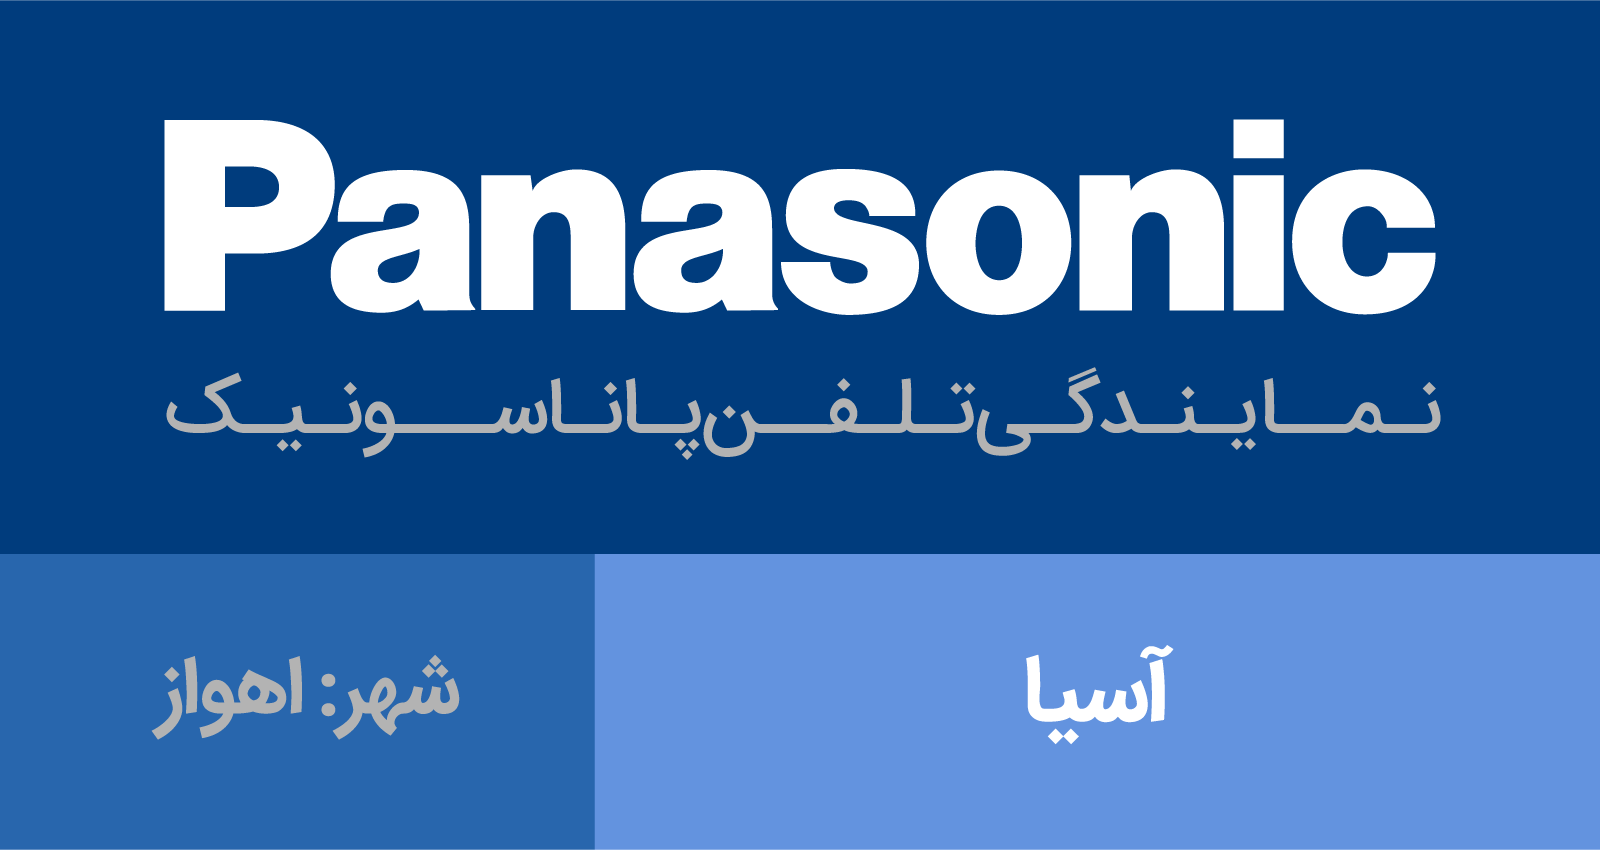 نمایندگی پاناسونیک اهواز - آسیا